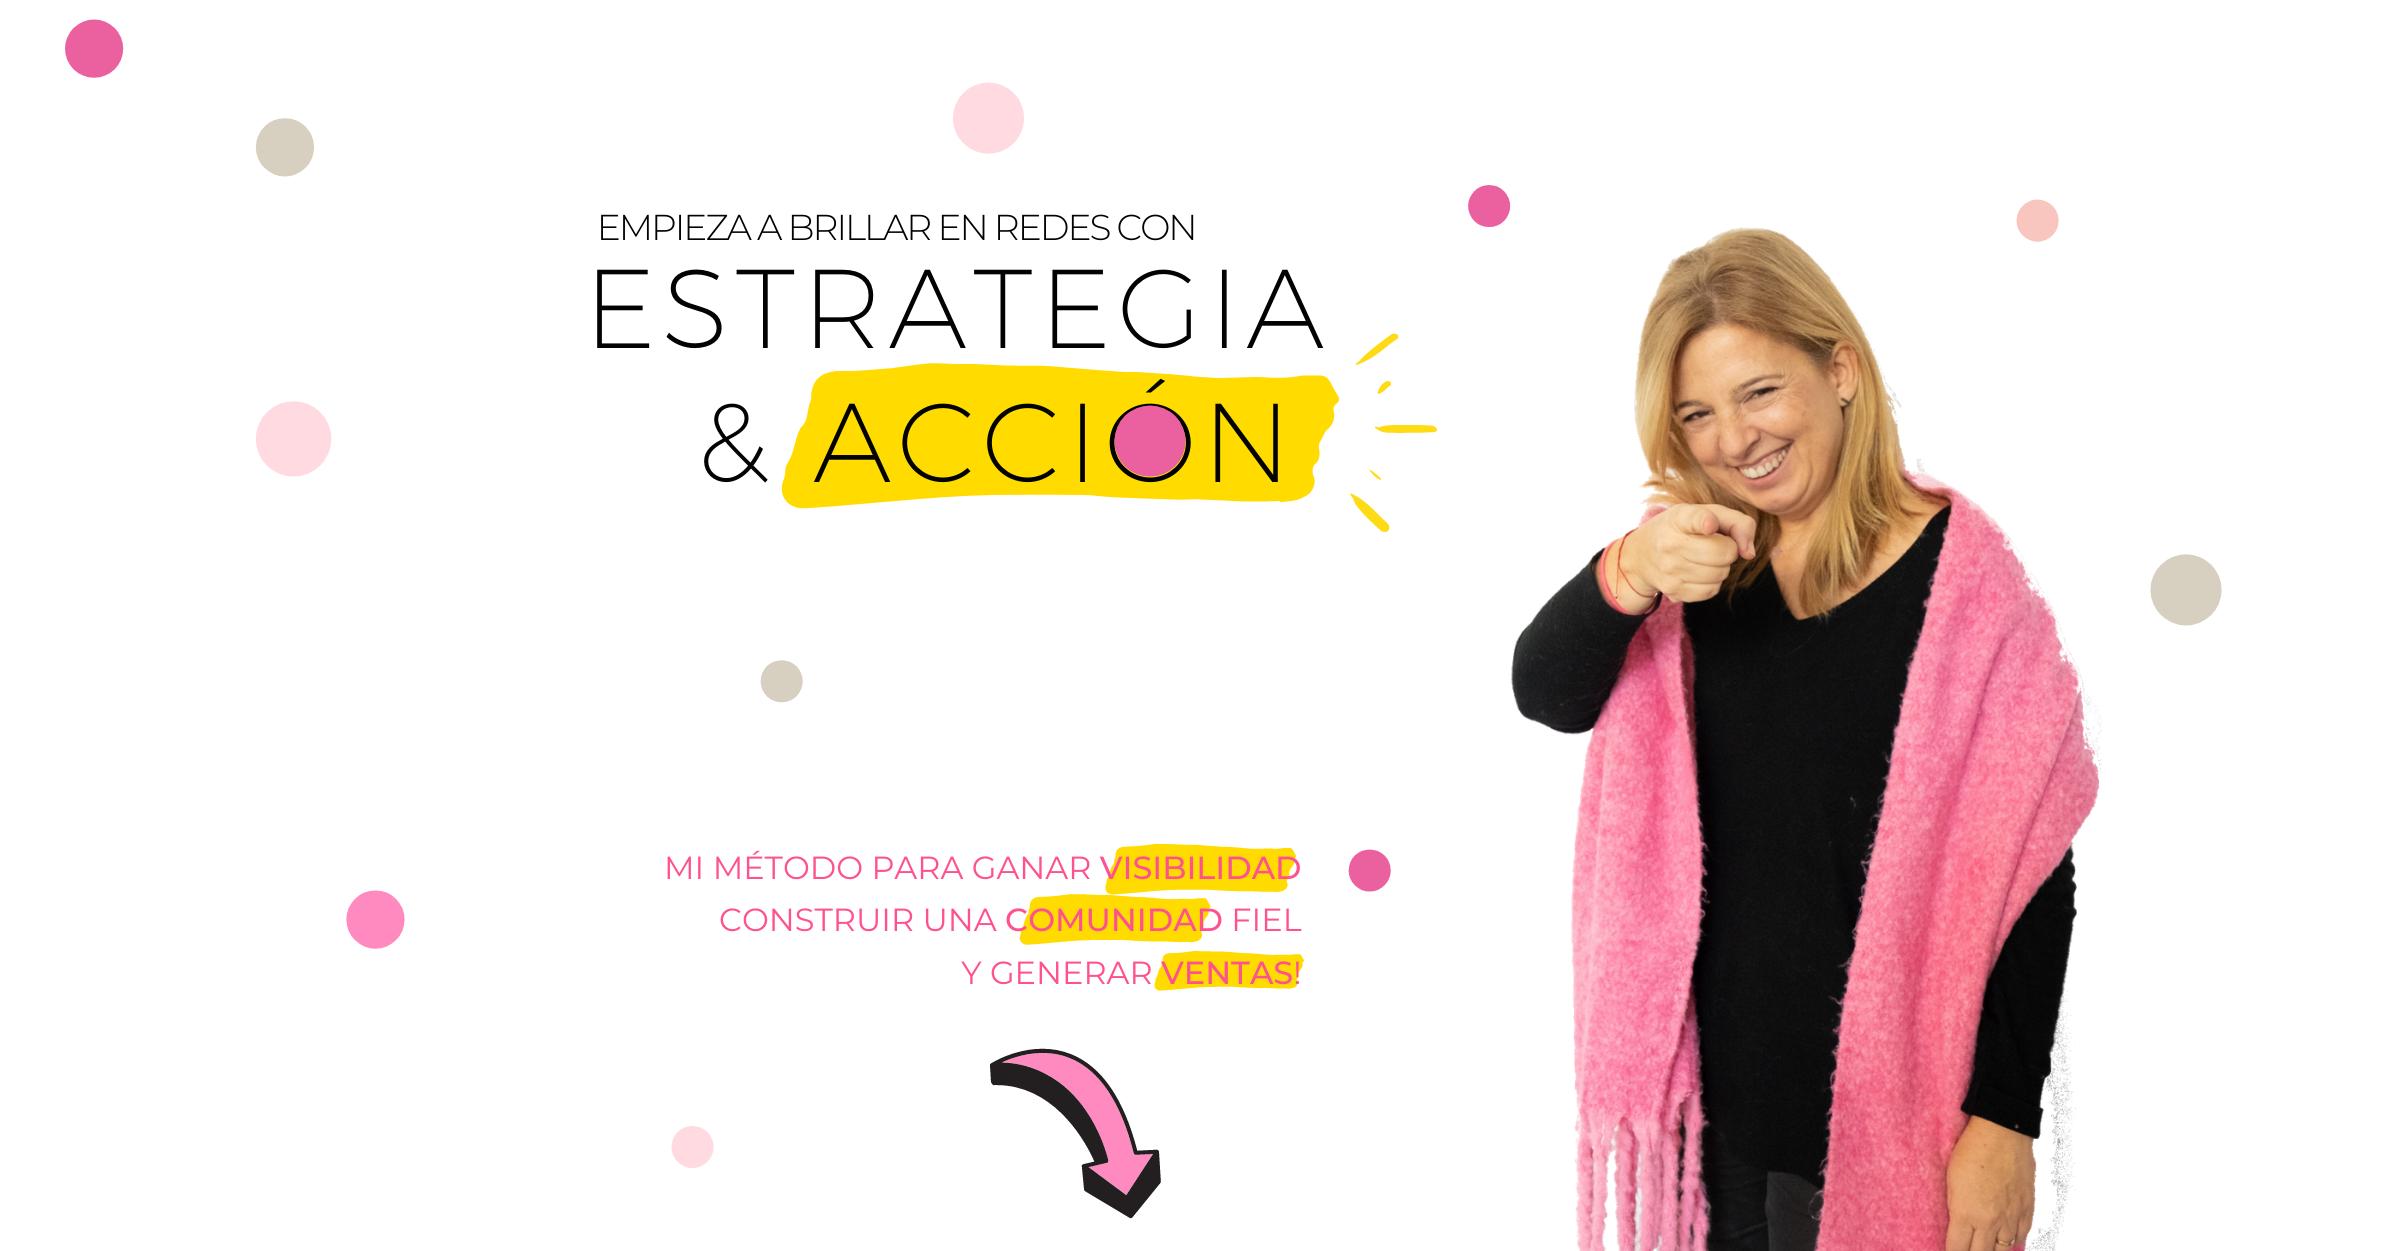 Entrenamiento Estrategia y Acción en redes Sociales con Melodijoadela